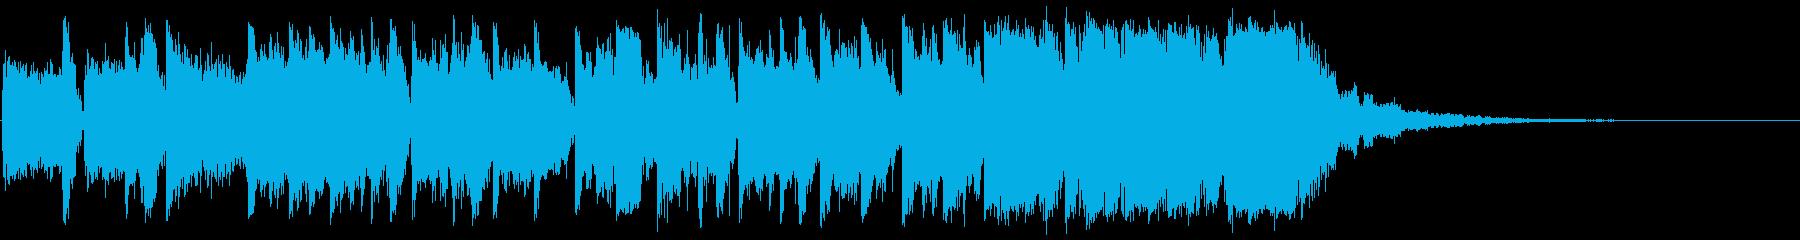 トイピアノのエレクトロニカポップの再生済みの波形